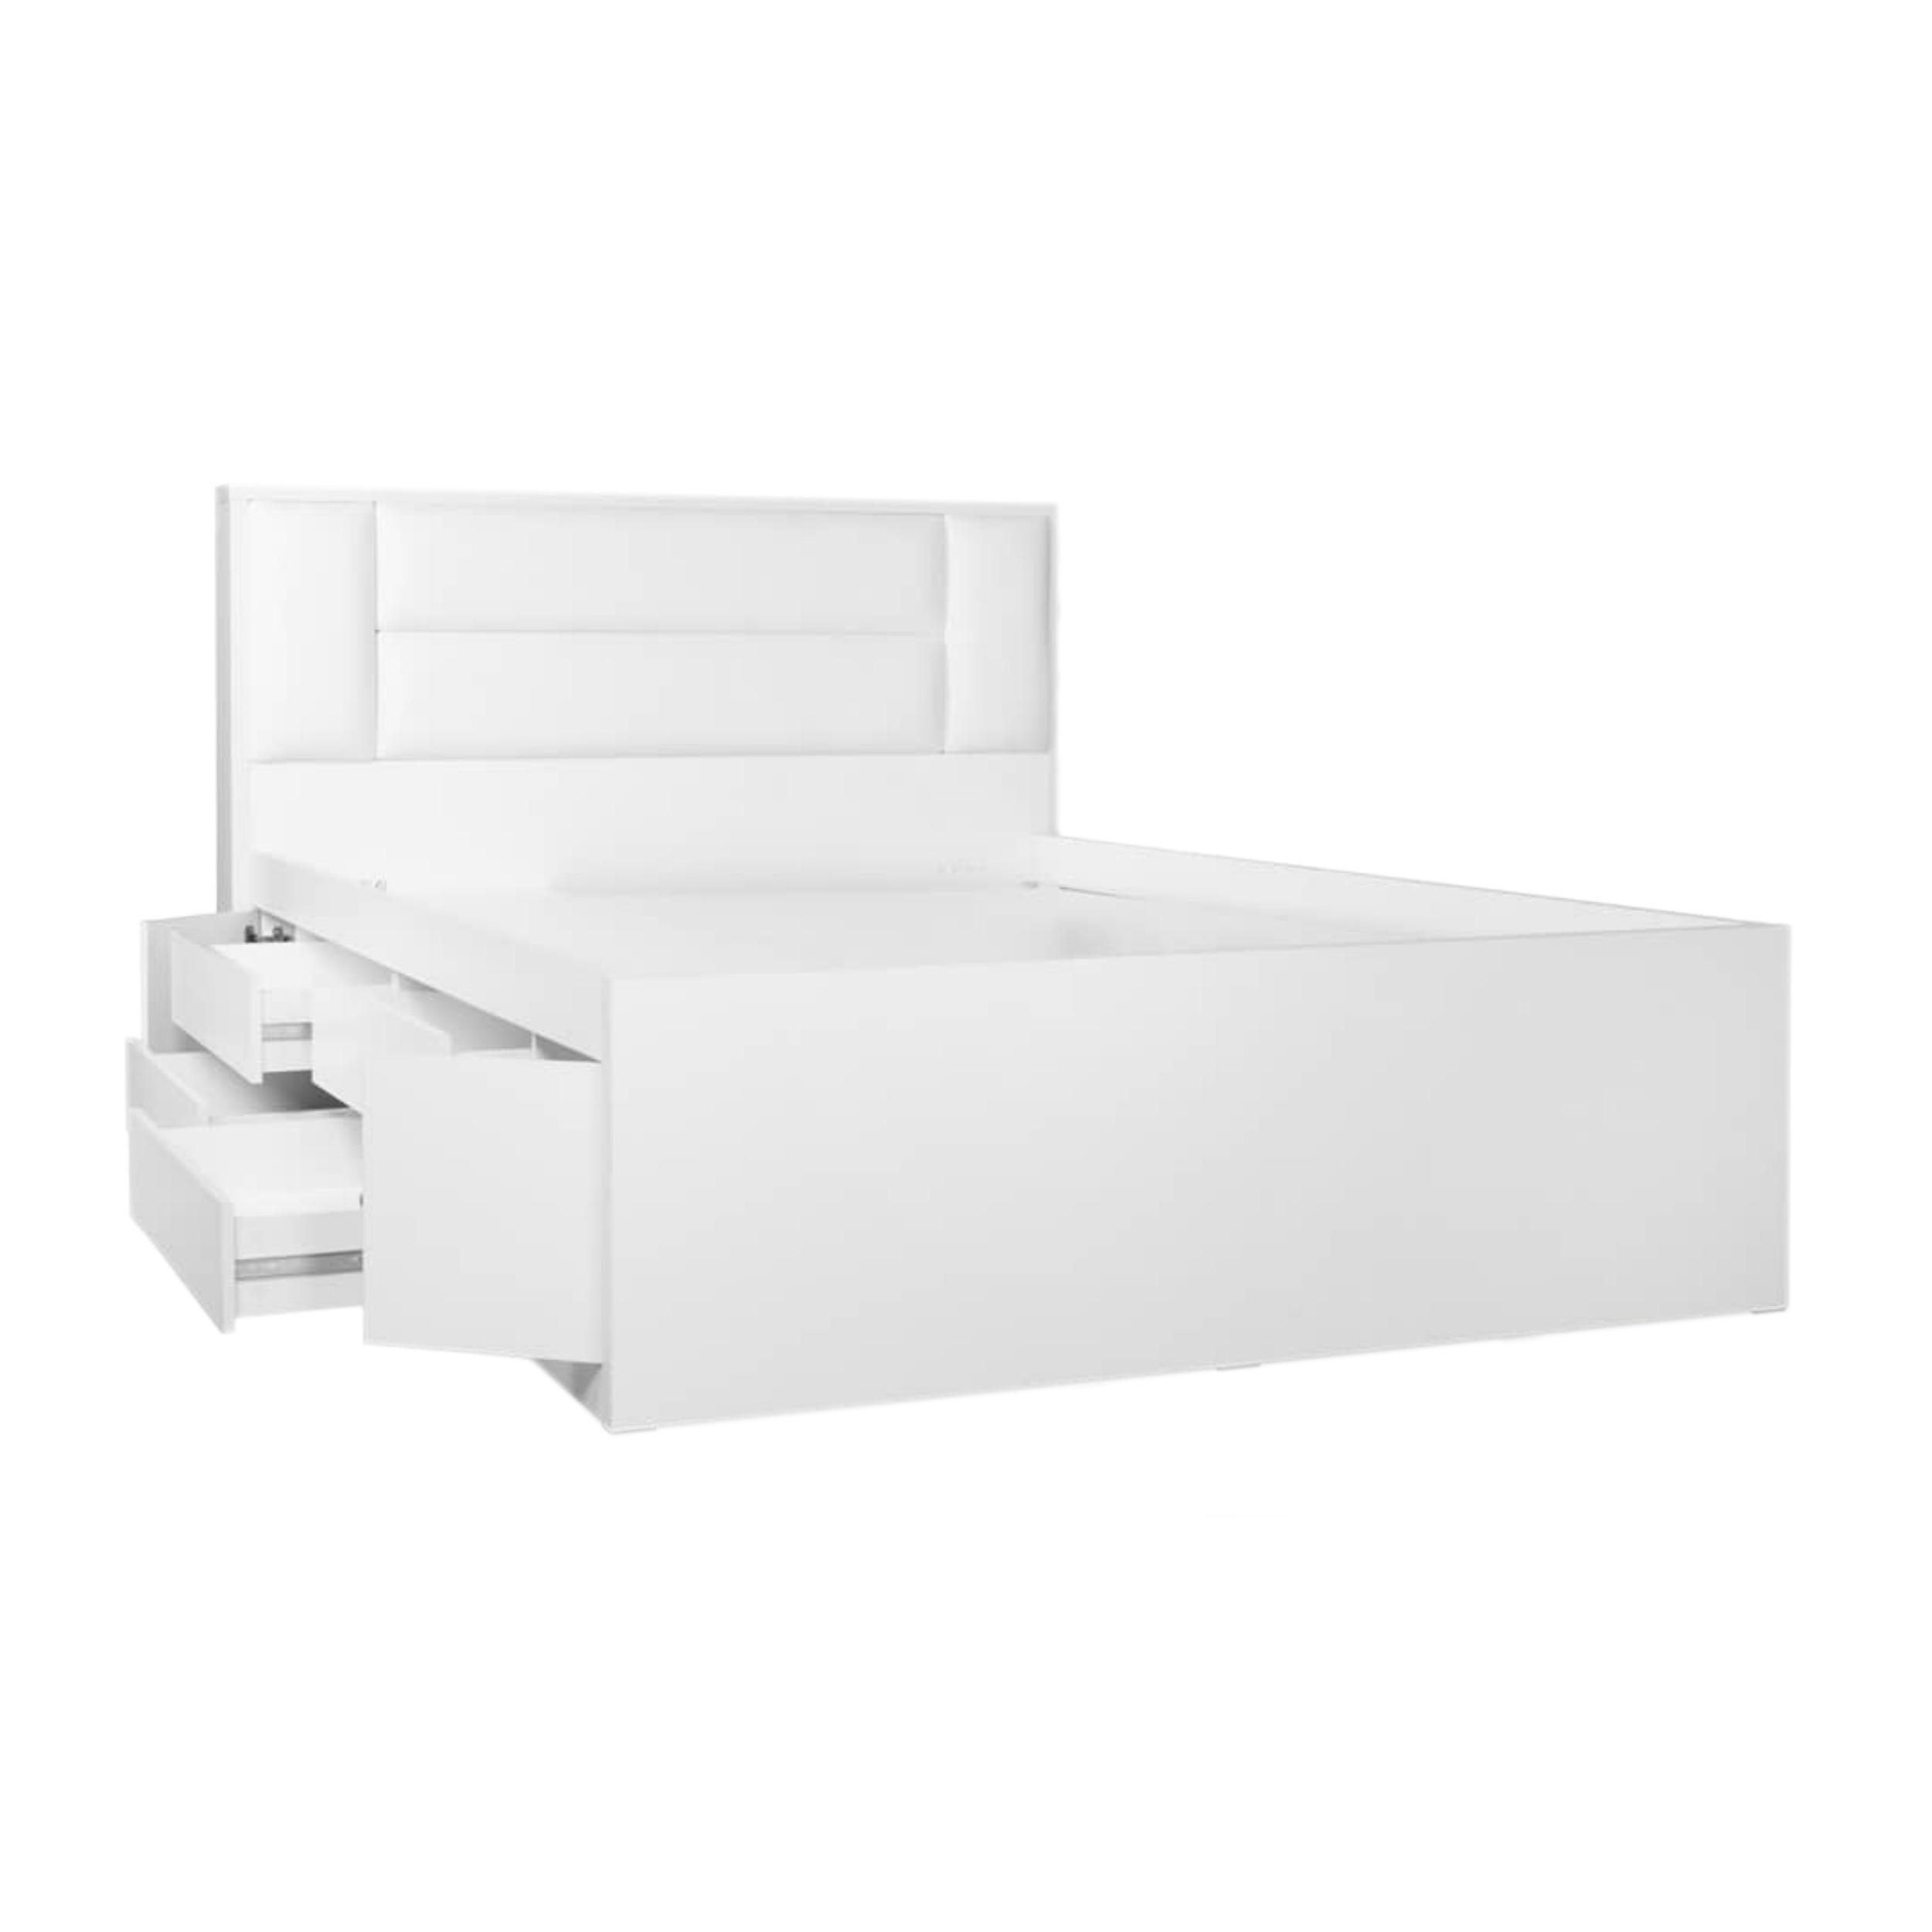 تخت خواب دو نفره کد 1946 سایز 160×200 سانتی متر